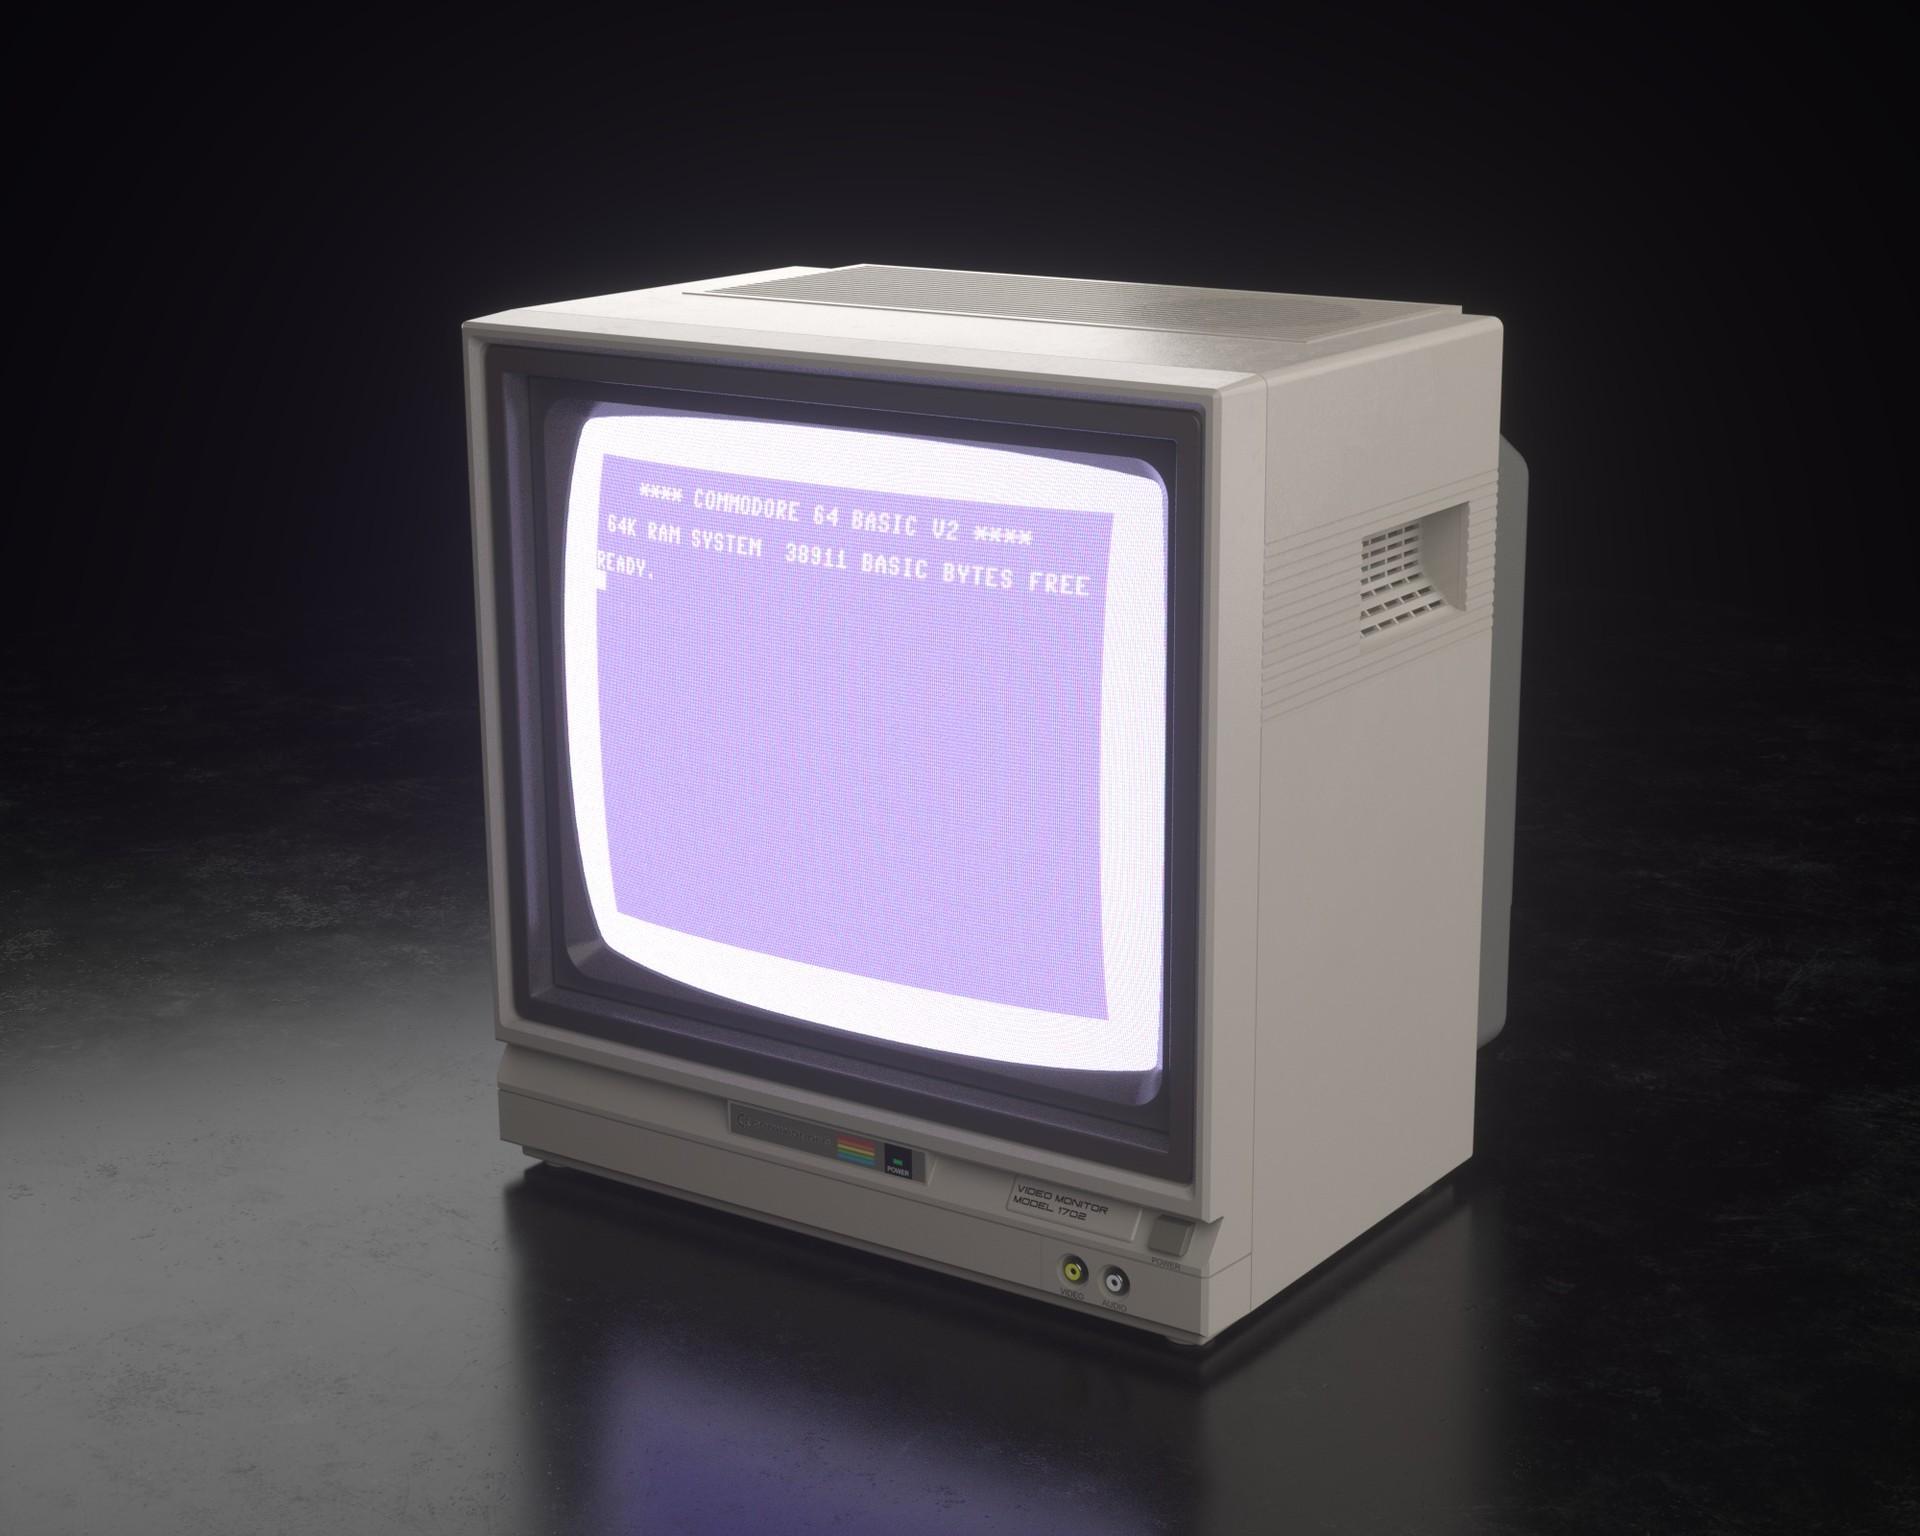 Cem tezcan c64 monitor 2 00000